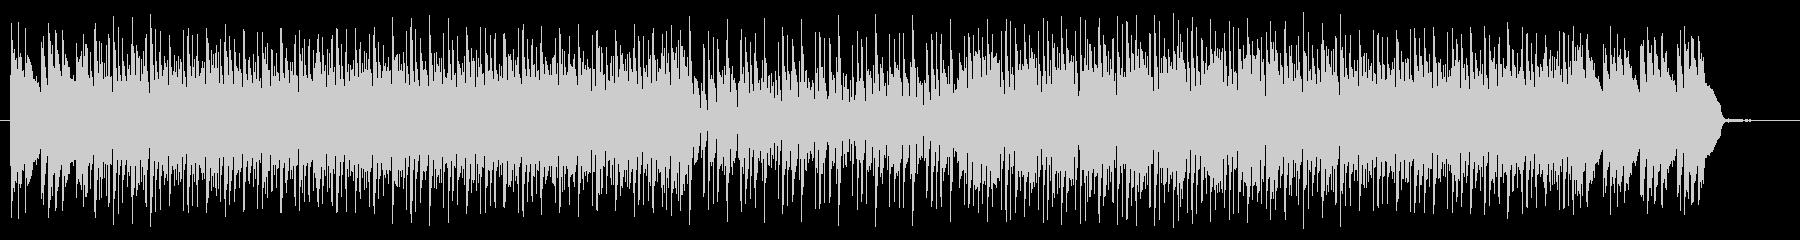 テクノポップとハードロックの融合の未再生の波形